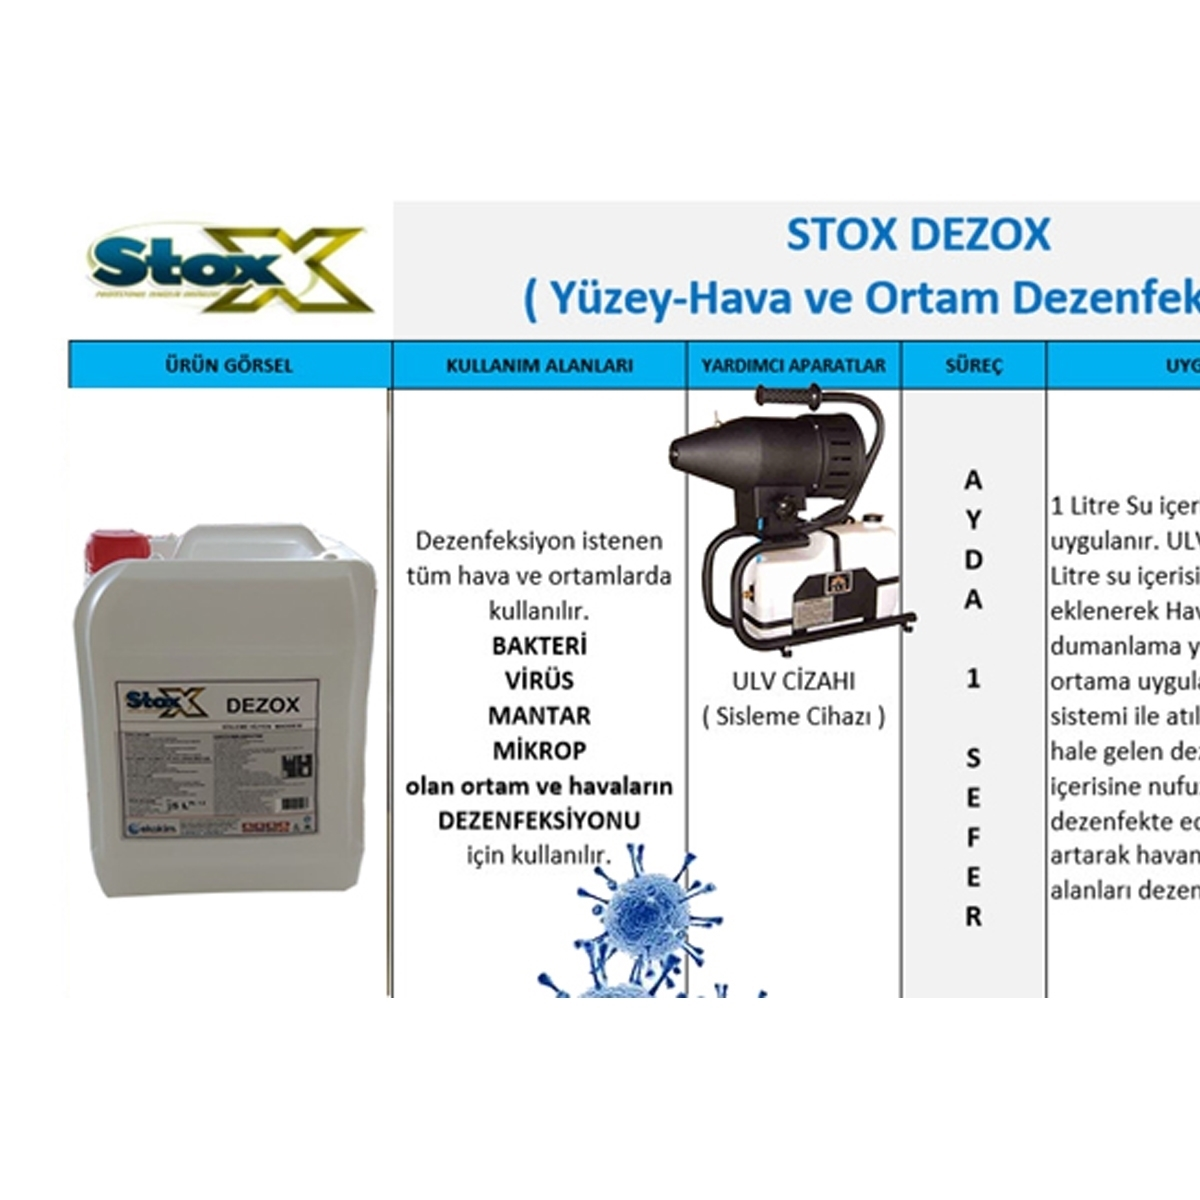 Dezox Konsantre Hava ve Ortam Dezenfektanı 5Litre 4'lü koli+Sisleme Cihazı Hediyeli resmi